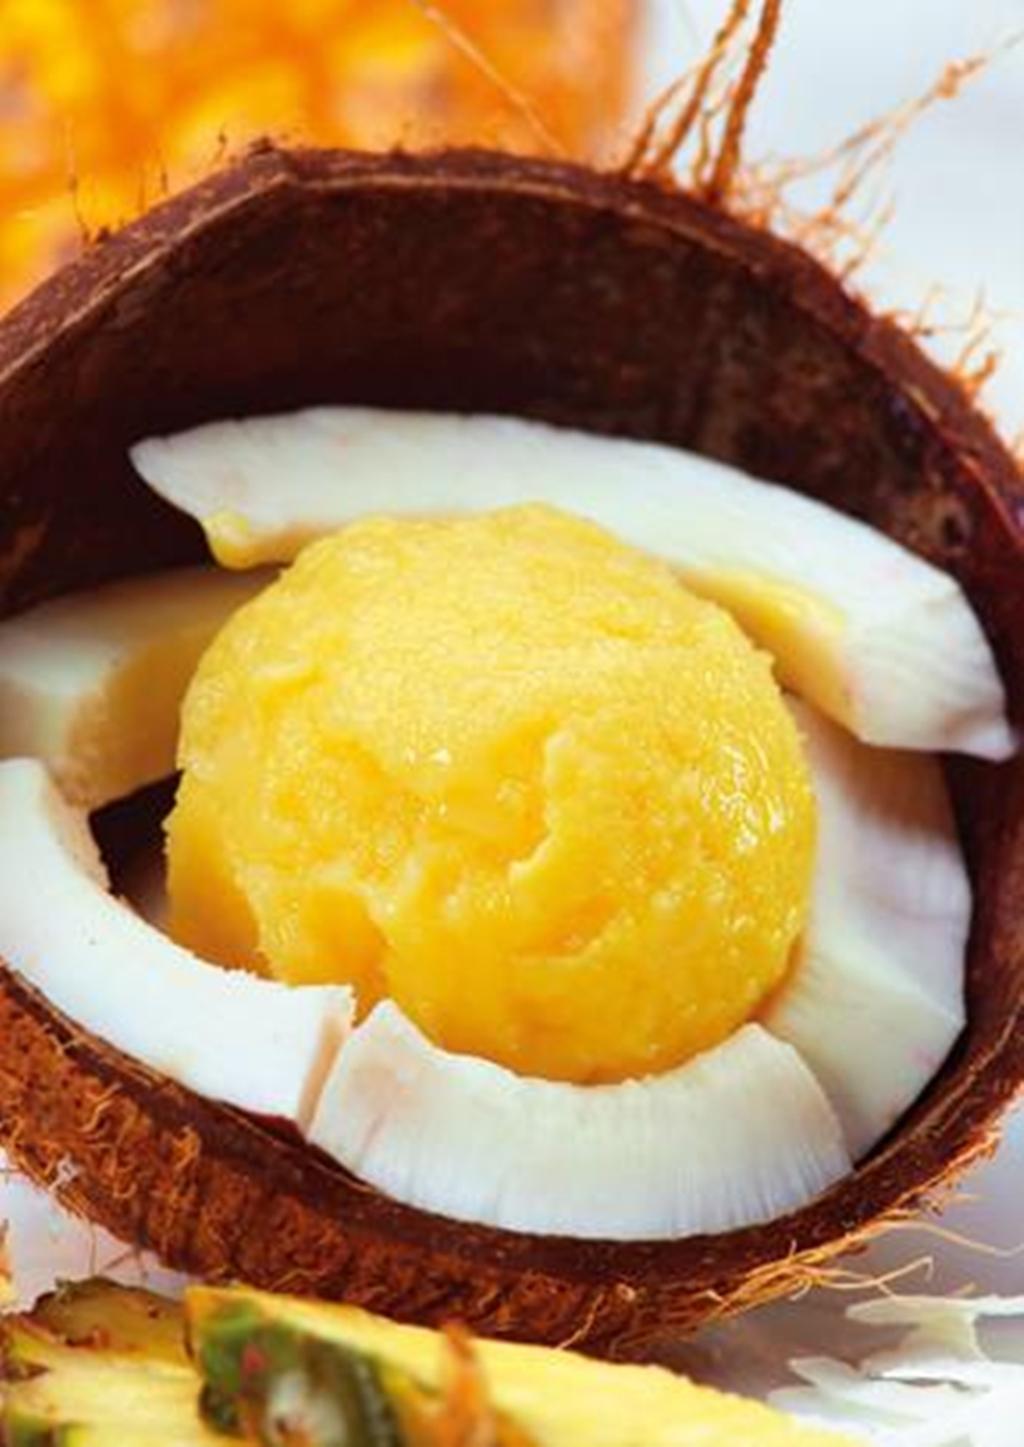 Ananas-Eis mit Kokos - Pineapple Ice with Coco Recipe